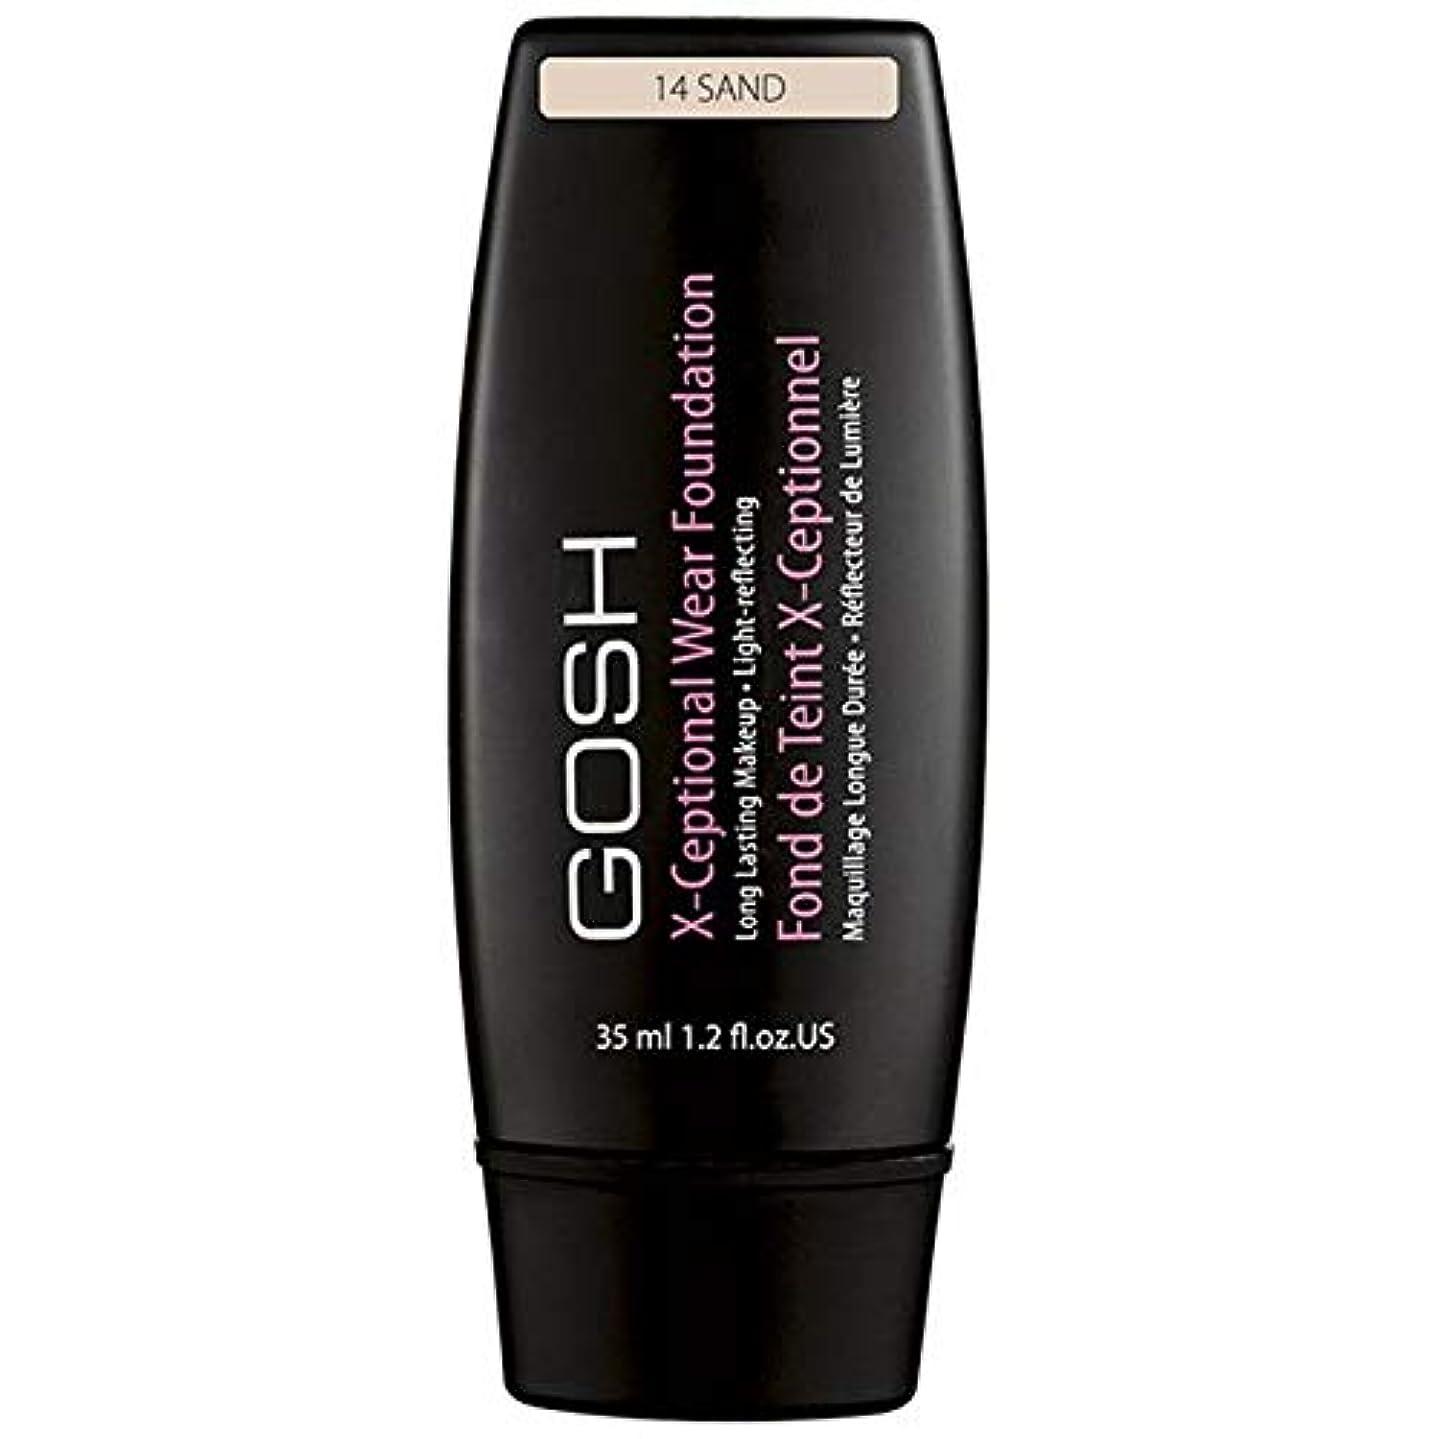 ランドマークジェム革新[GOSH ] おやっX-Ceptional砂14を構成して着用 - Gosh X-Ceptional Wear Make Up Sand 14 [並行輸入品]